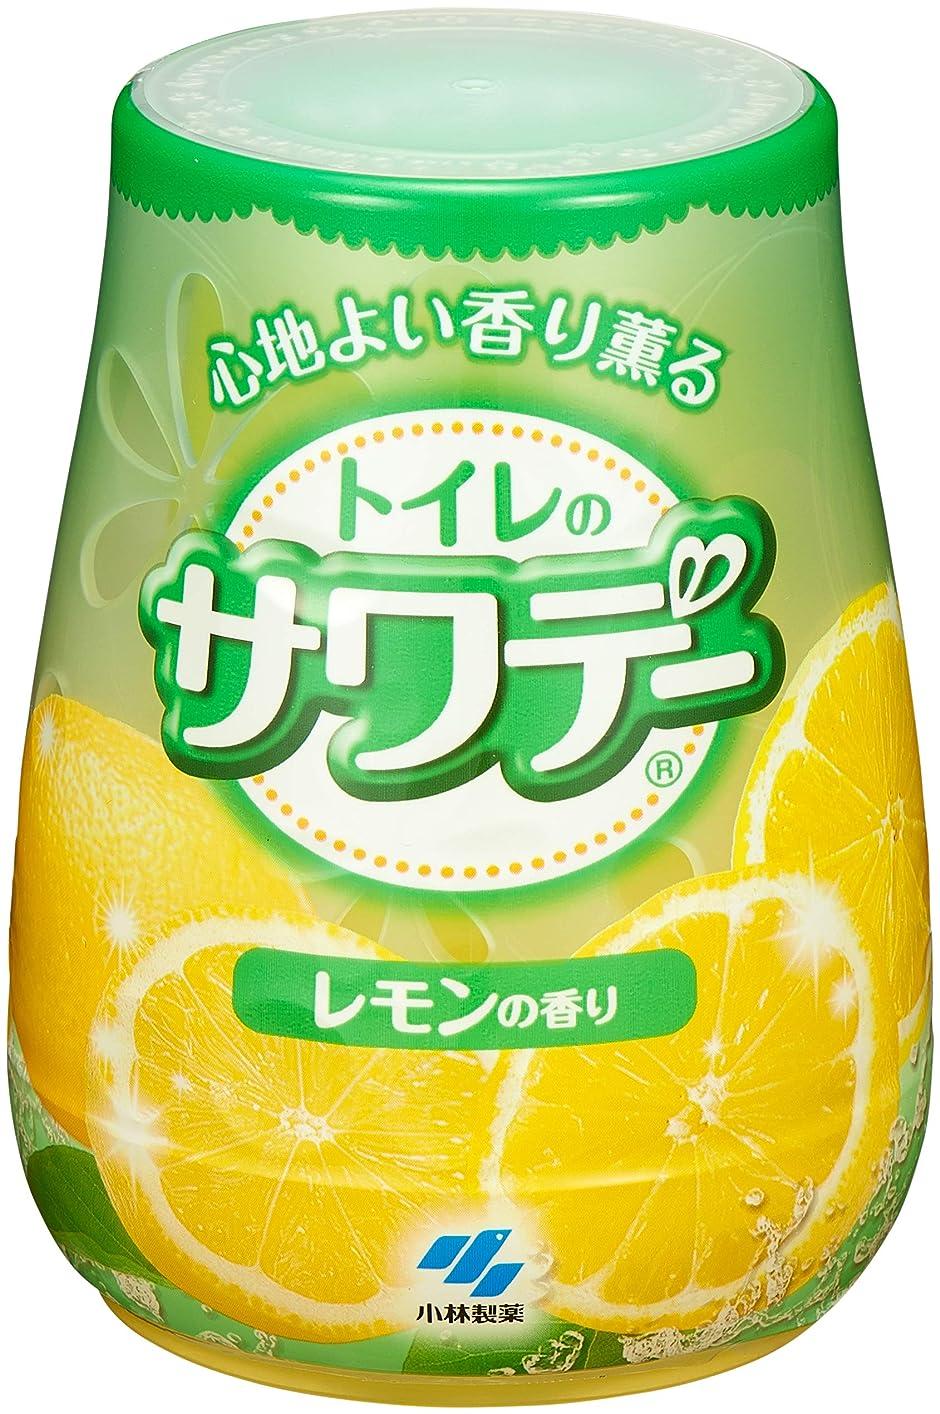 国旗オペラ役に立つサワデー 消臭芳香剤 トイレ用 本体 気分すっきりレモンの香り 140g